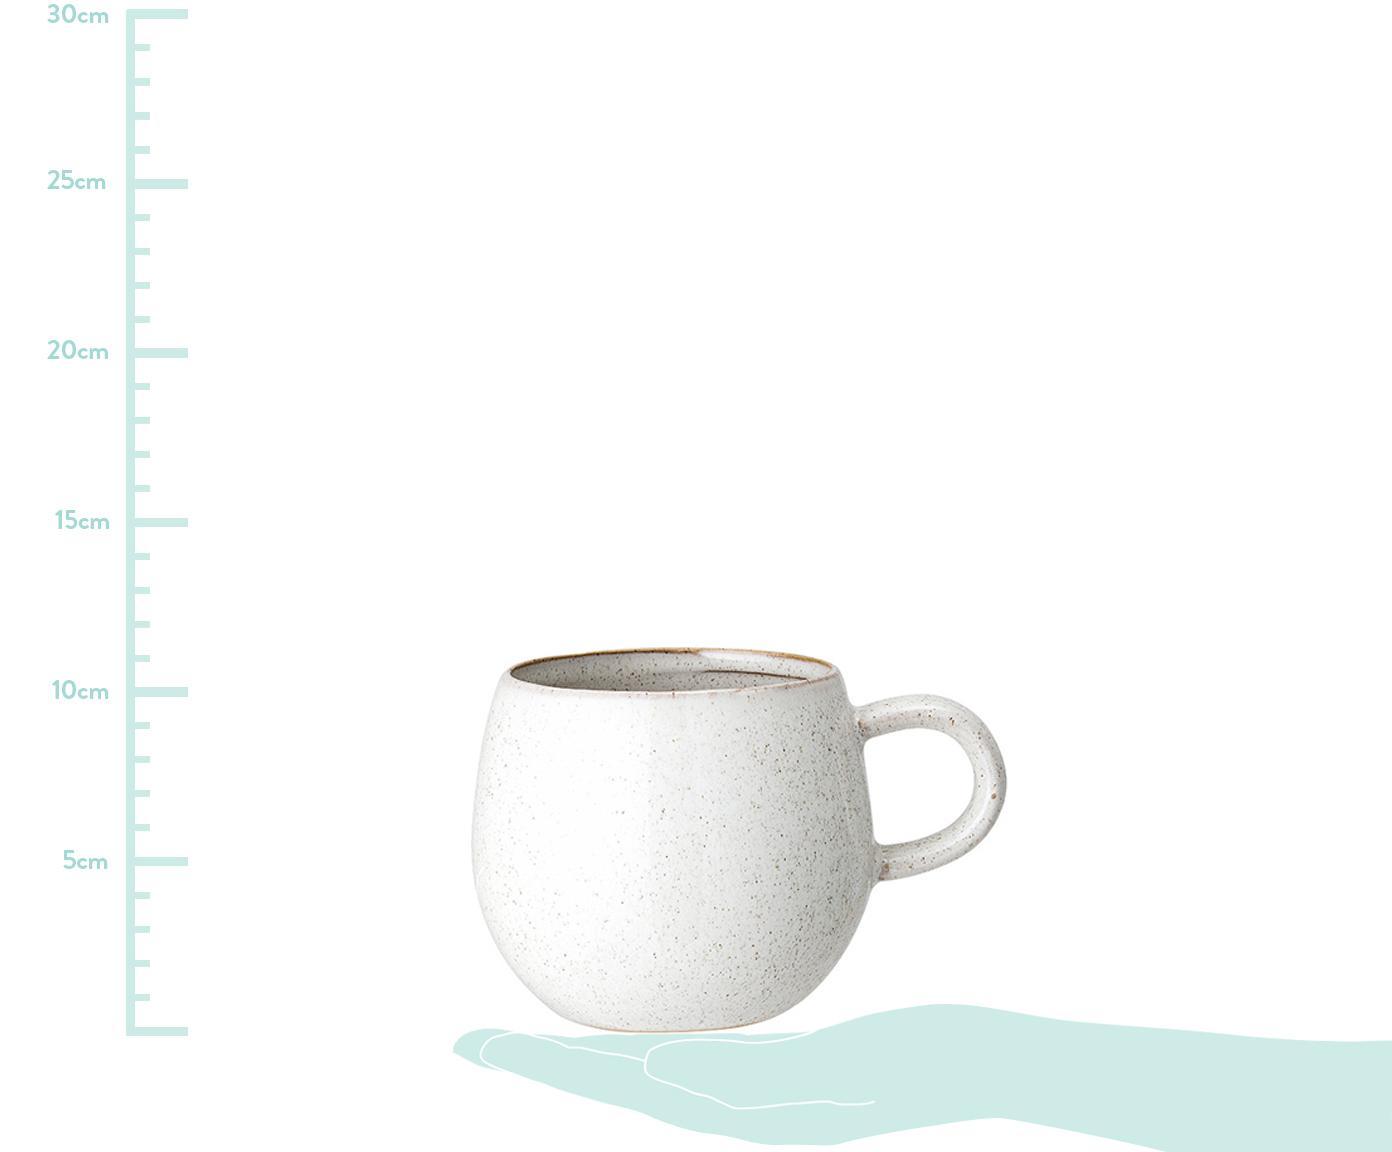 Handgefertigtes Teetassen-Set Addison, 3-tlg., Steingut, Grau, Beige, Weiss, Ø 11 x H 10 cm